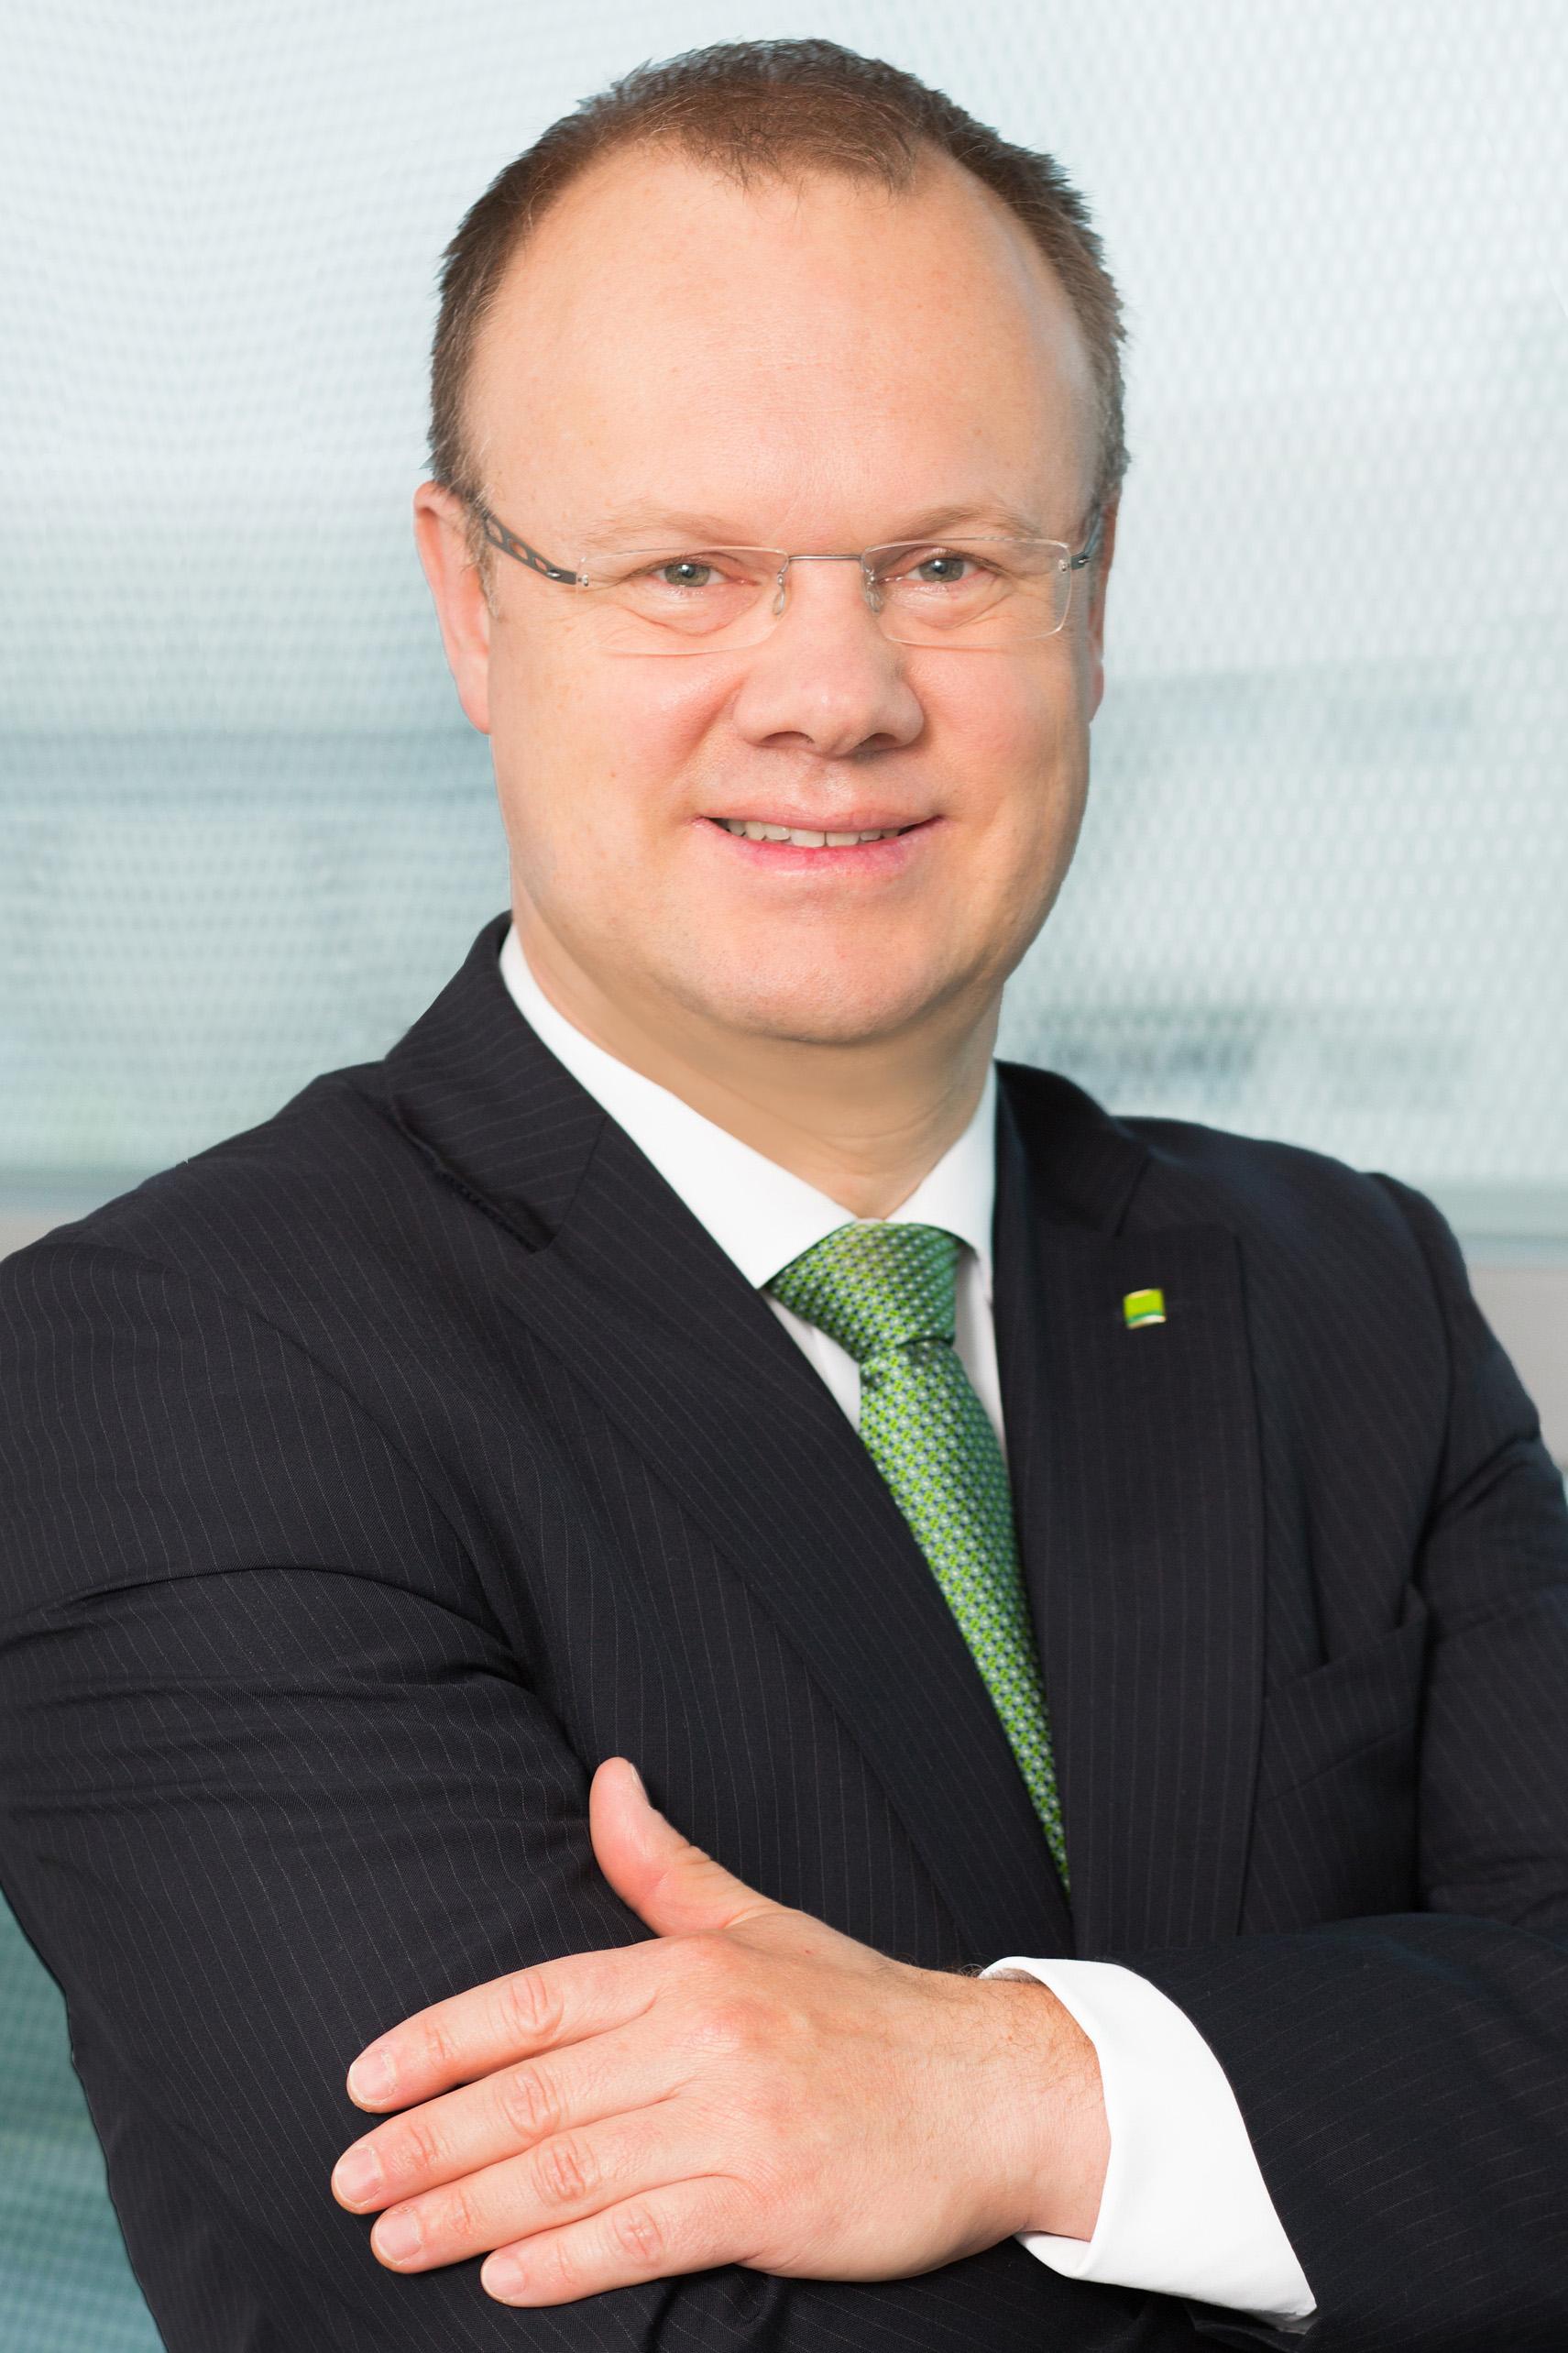 Nach rund 50 Jahren Unternehmensgeschichte soll Robert Mayr jetzt der dritte Vorstandsvorsitzende der DATEV werden. (Bild: DATEV)